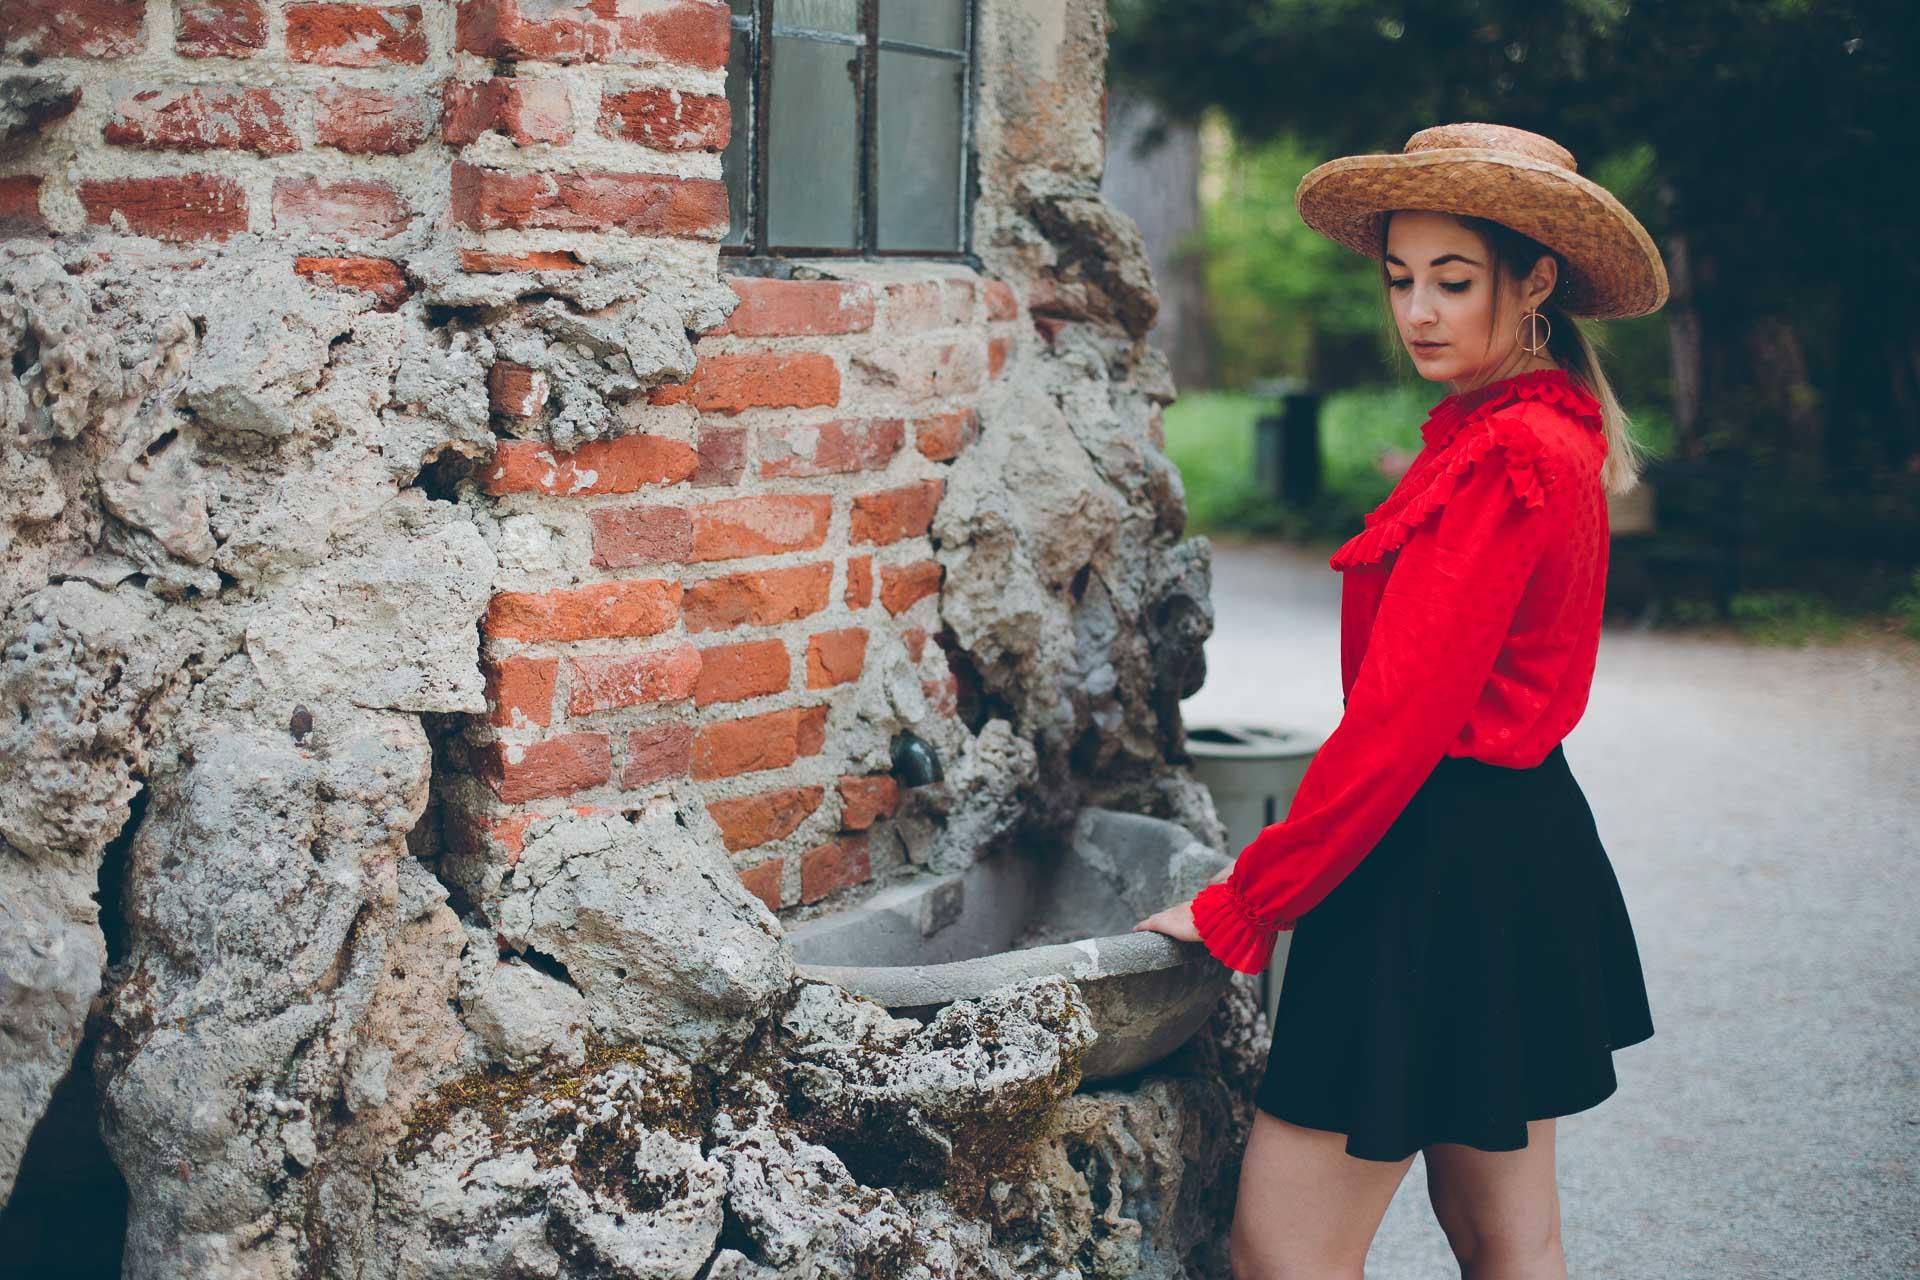 Fashionfoto von fleurrly im Carmen-Stil: Leuchtend rote Bluse, schwarzer Rock und Hut